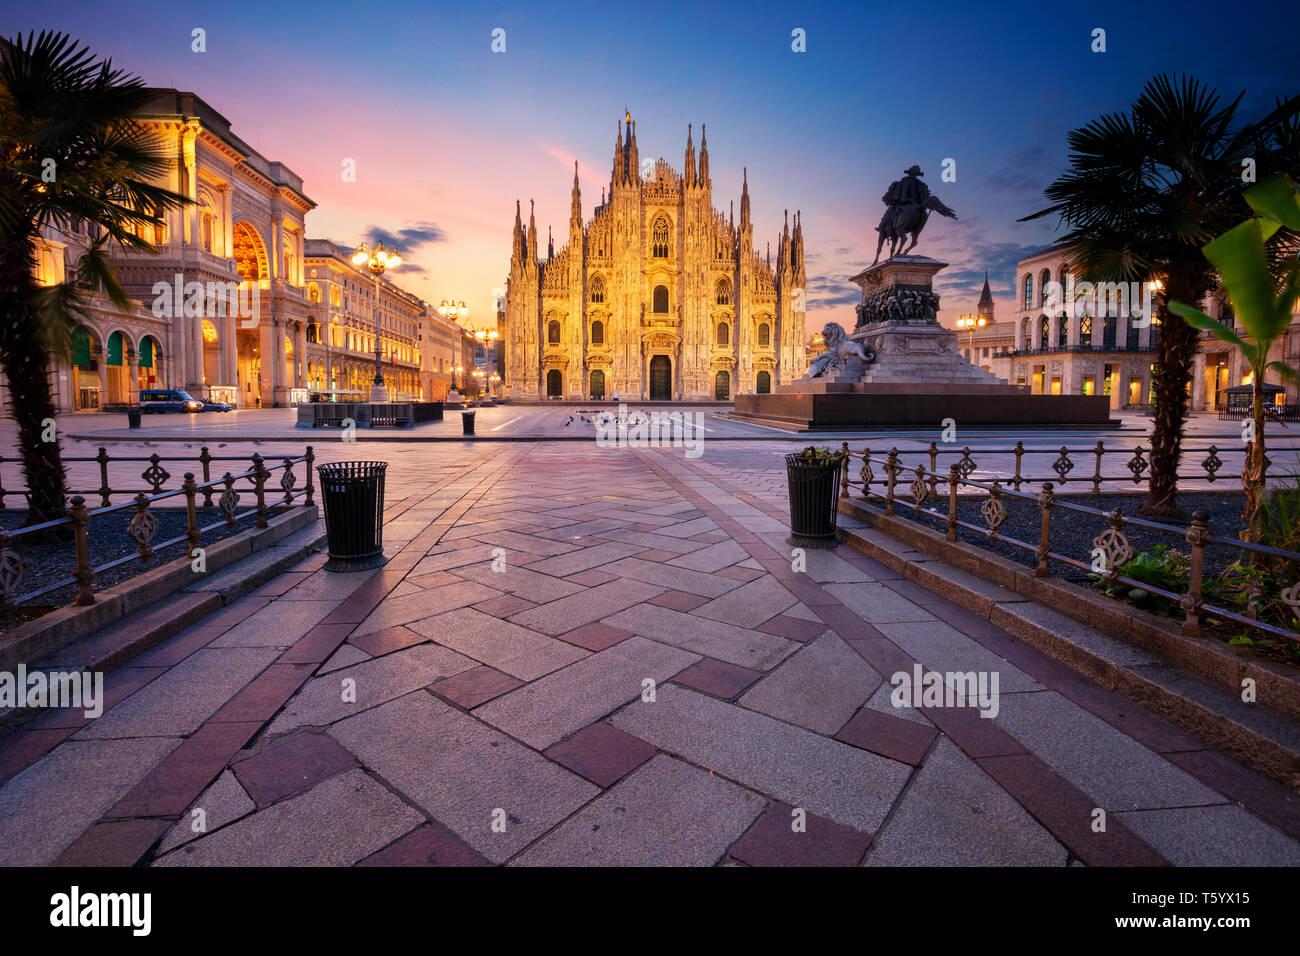 Milan, Italie. Cityscape image de Milan, Italie avec la cathédrale de Milan pendant le lever du soleil. Banque D'Images